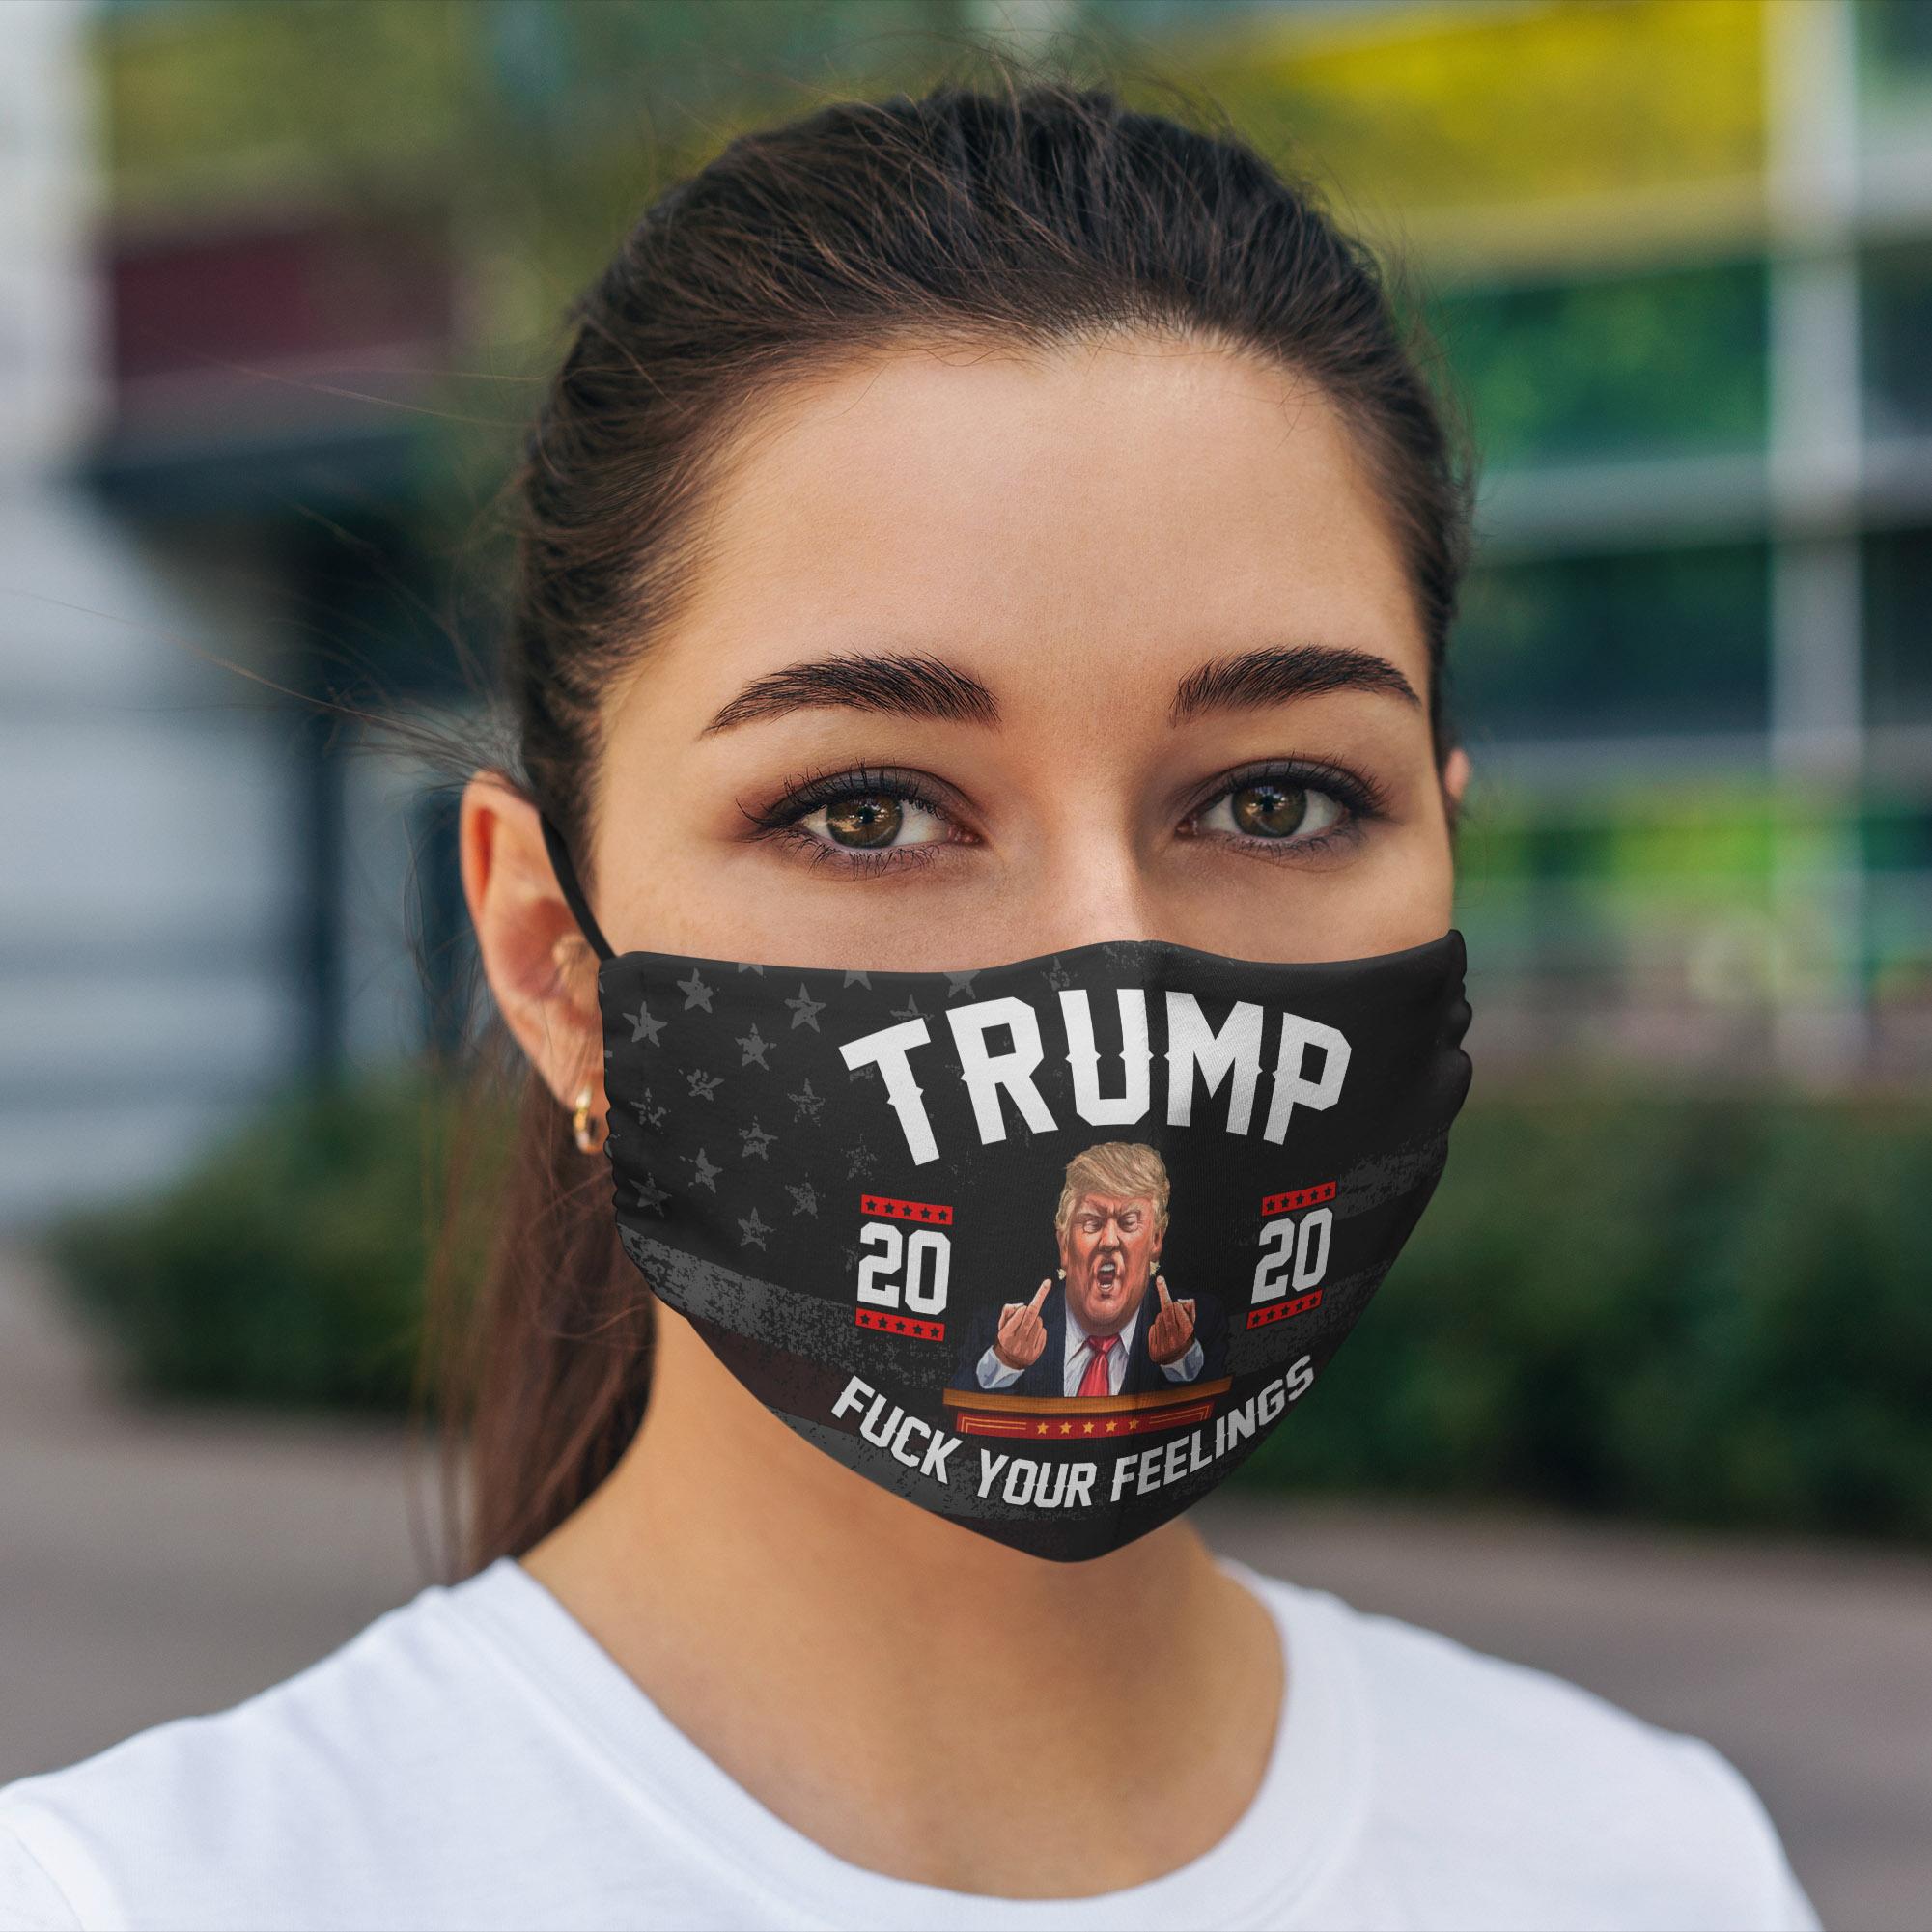 Trump 2020 Fuck You Feelings Pro face mask